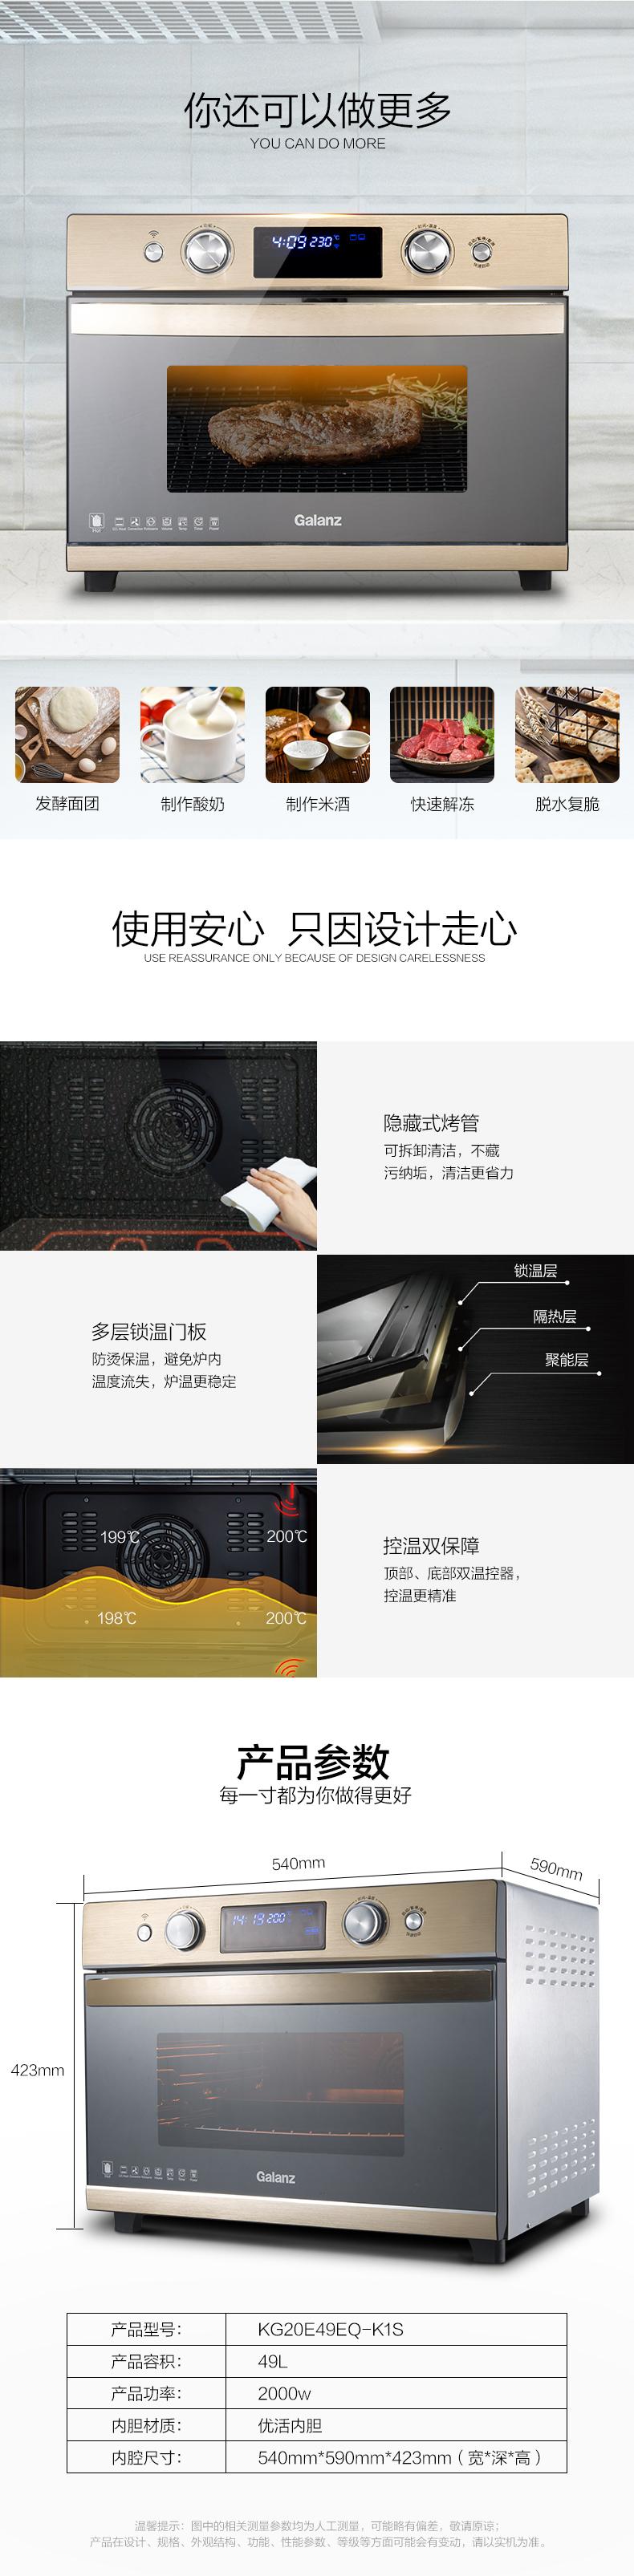 感受真实使用Galanz/格兰仕 KG20E49EQ-K1S 智能光波电烤箱家用烘焙多功能49L怎么样?